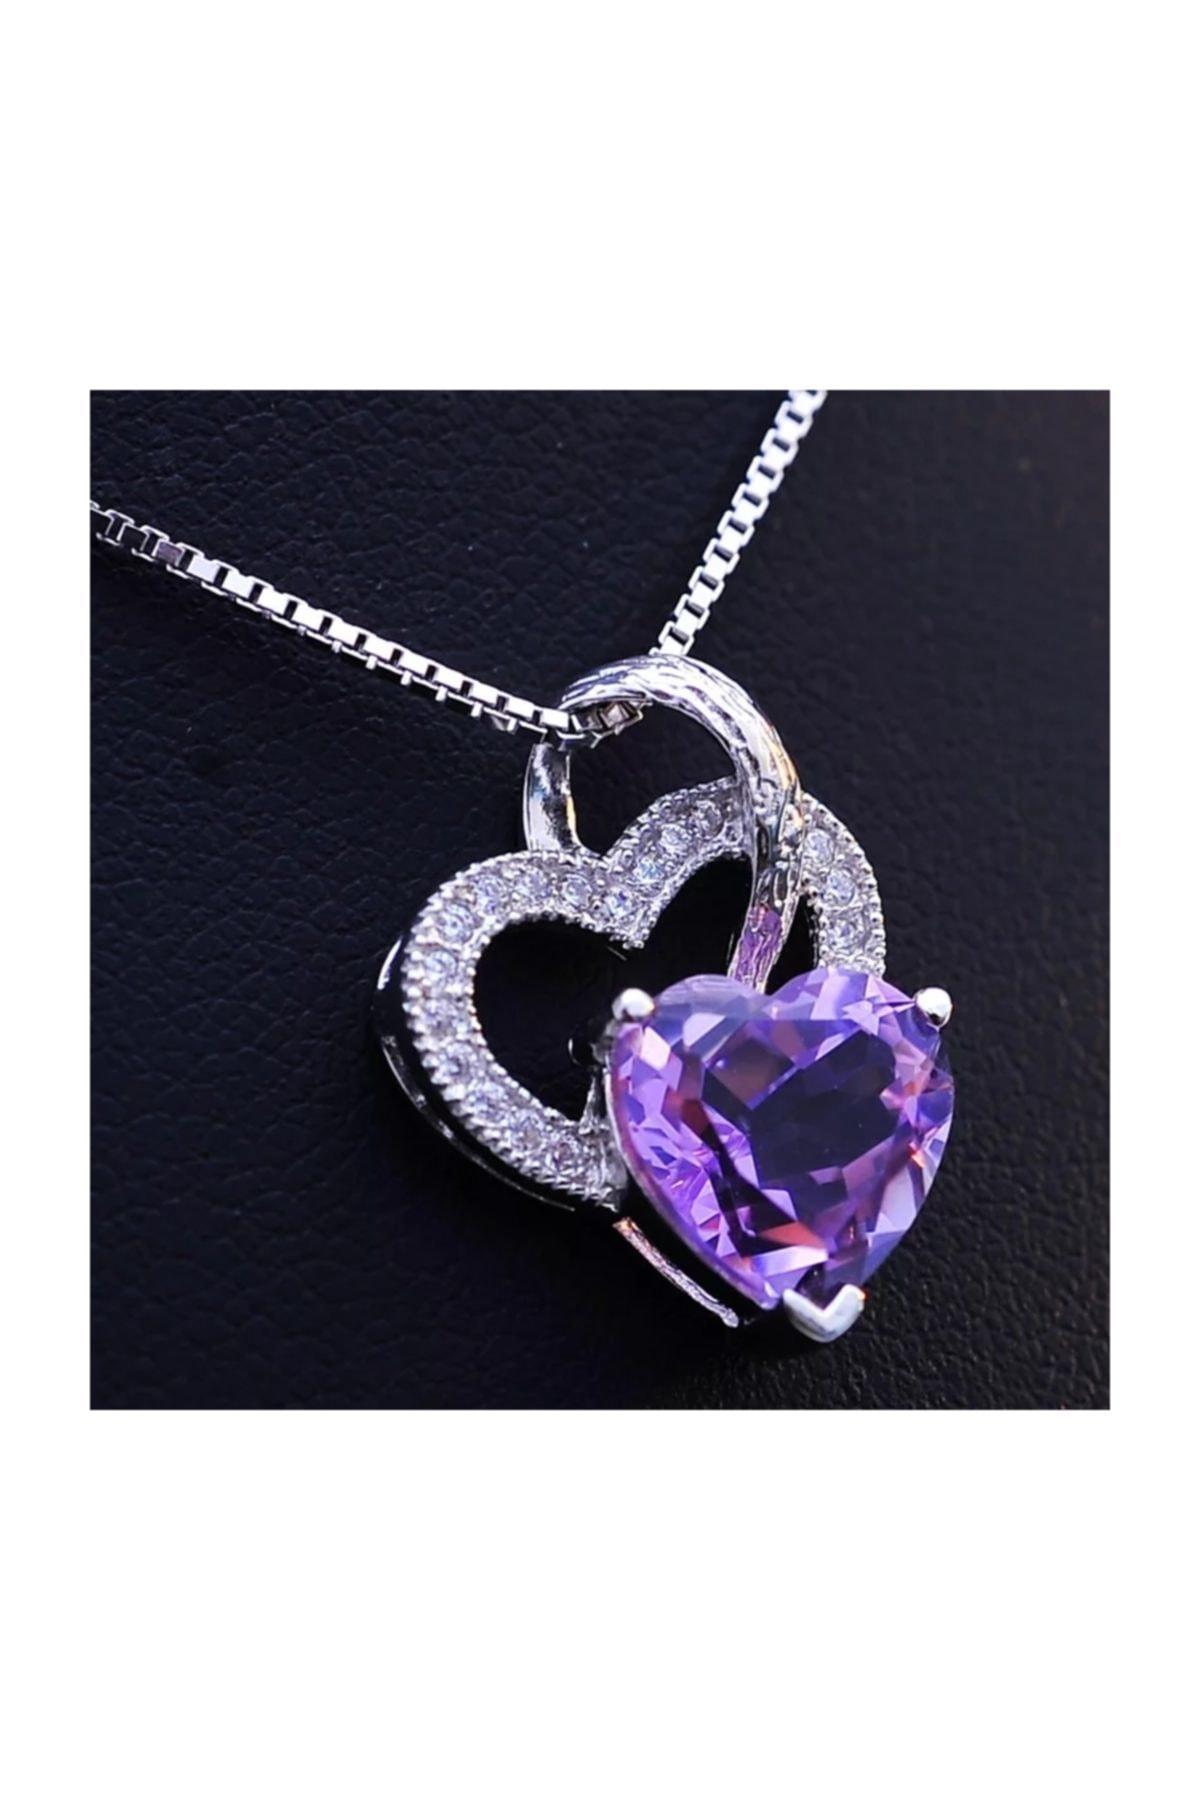 Enesstore Gümüş Ametist Taşlı Çift Kalp Kadın Gümüş Kolye 2